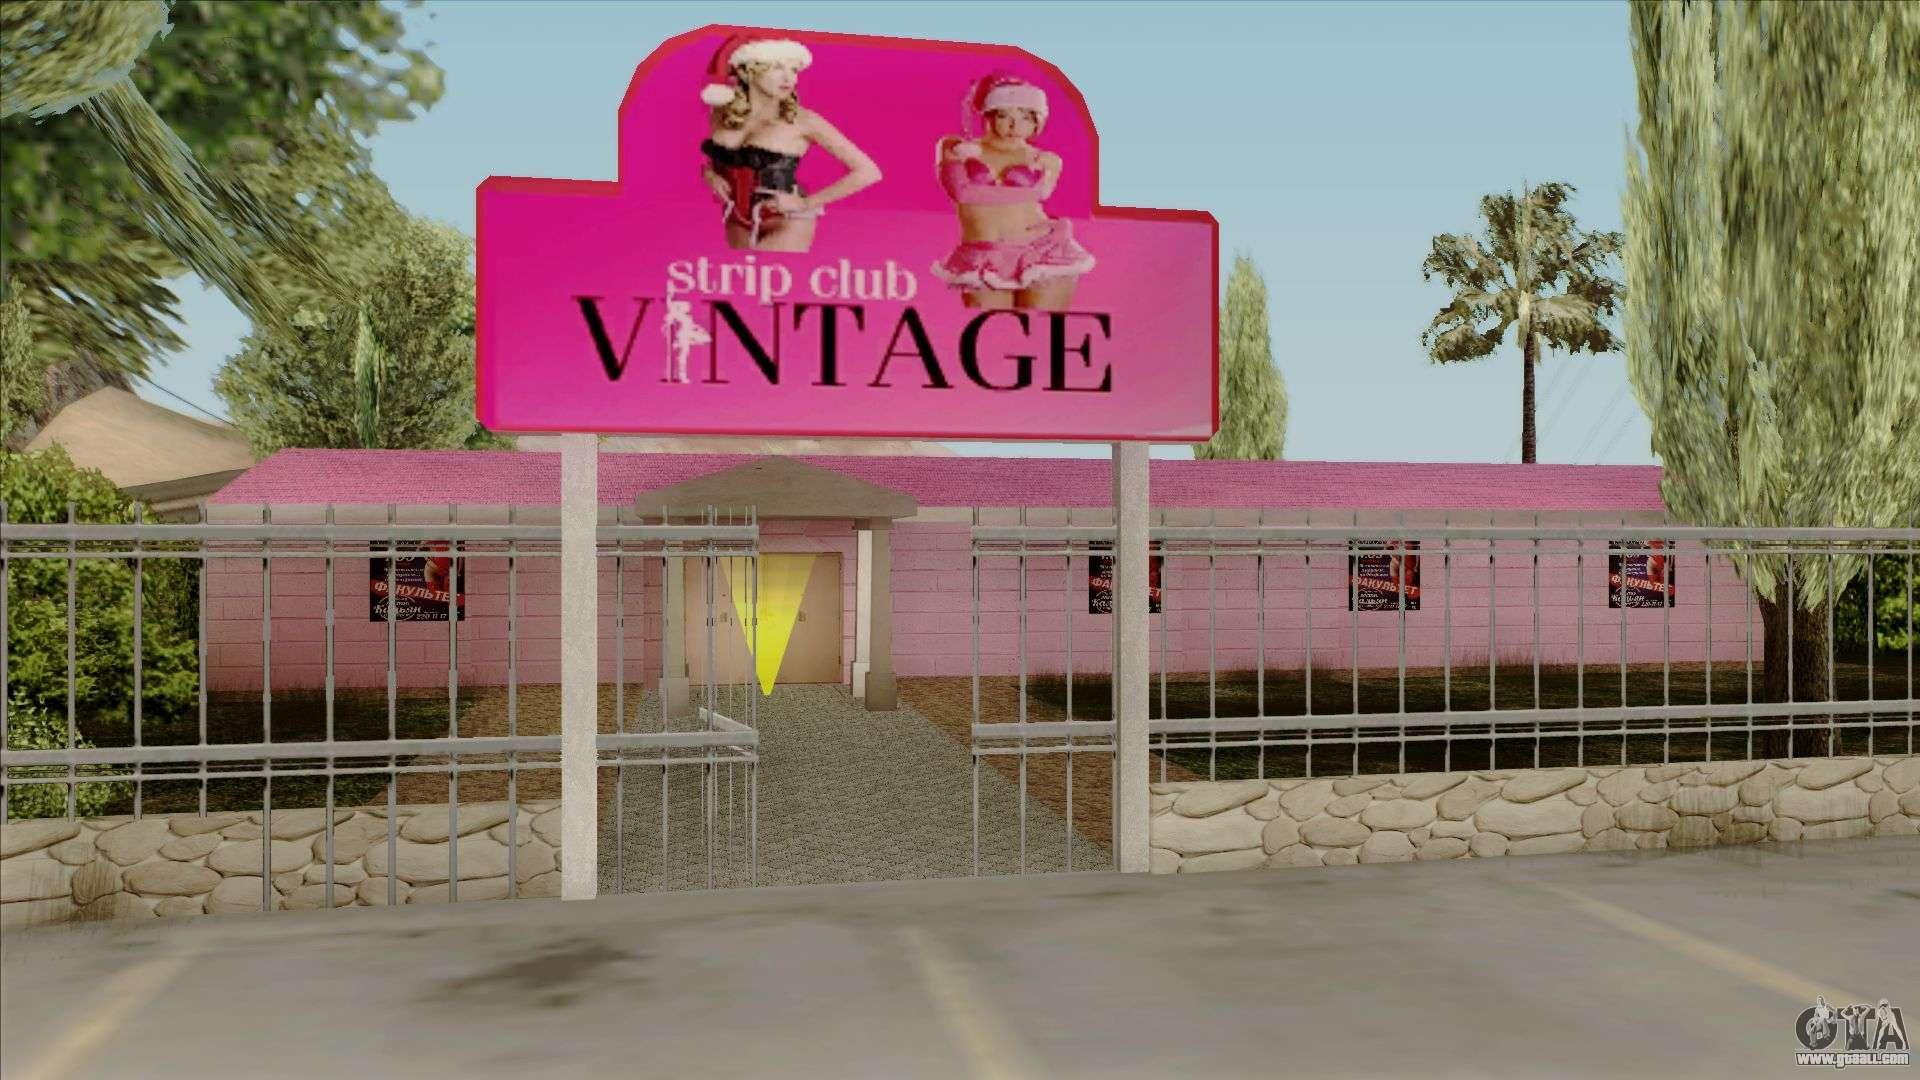 Club location strip